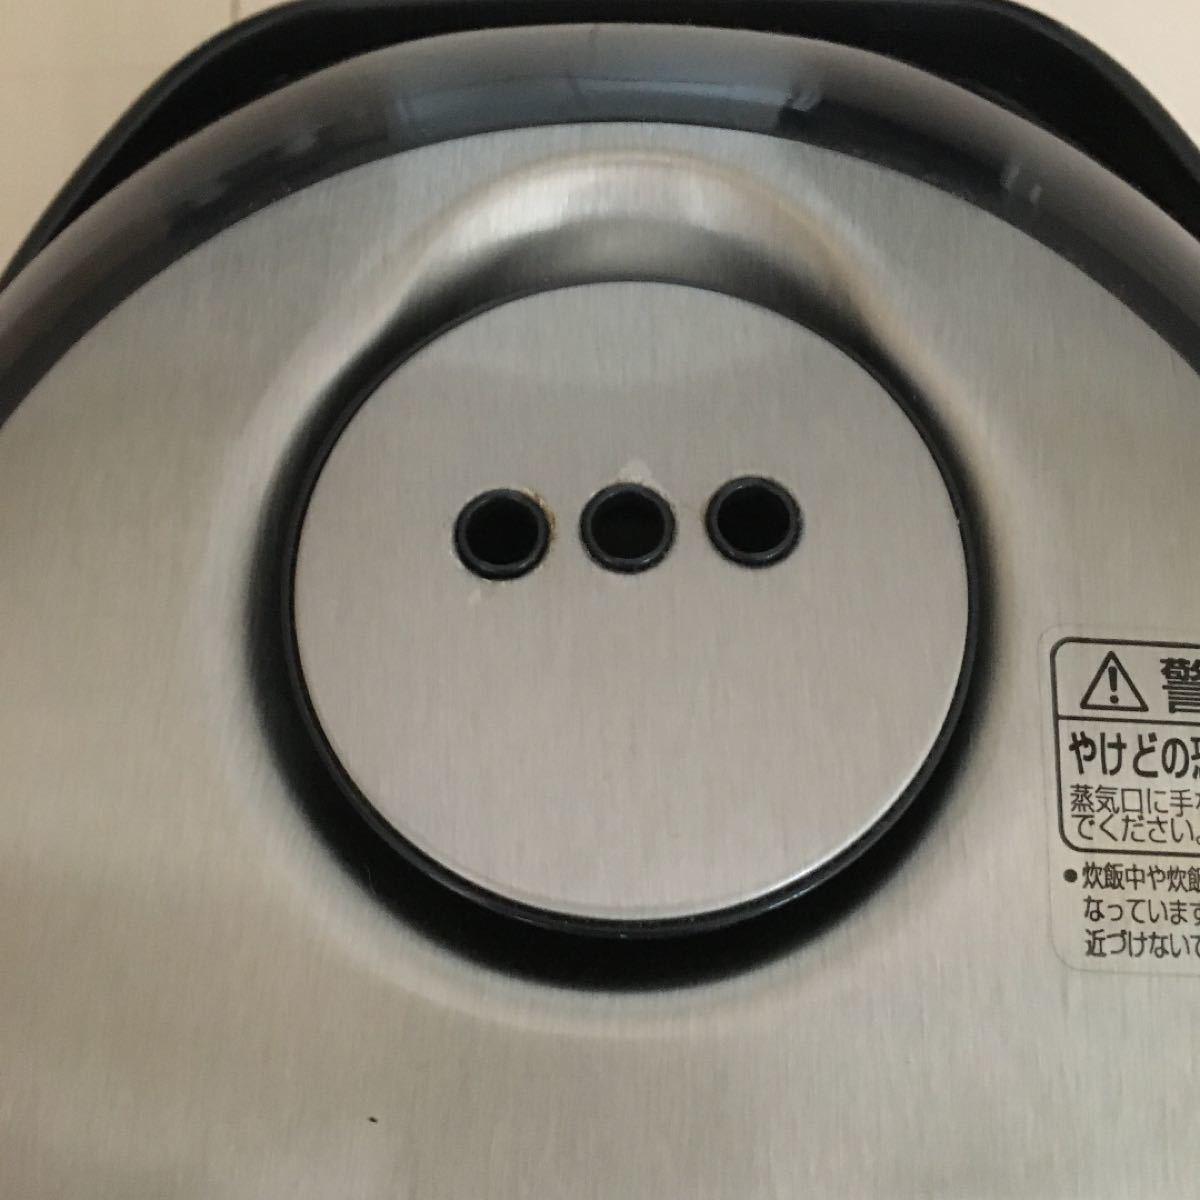 サンヨー 炊飯器 一人暮らし 蒸し器